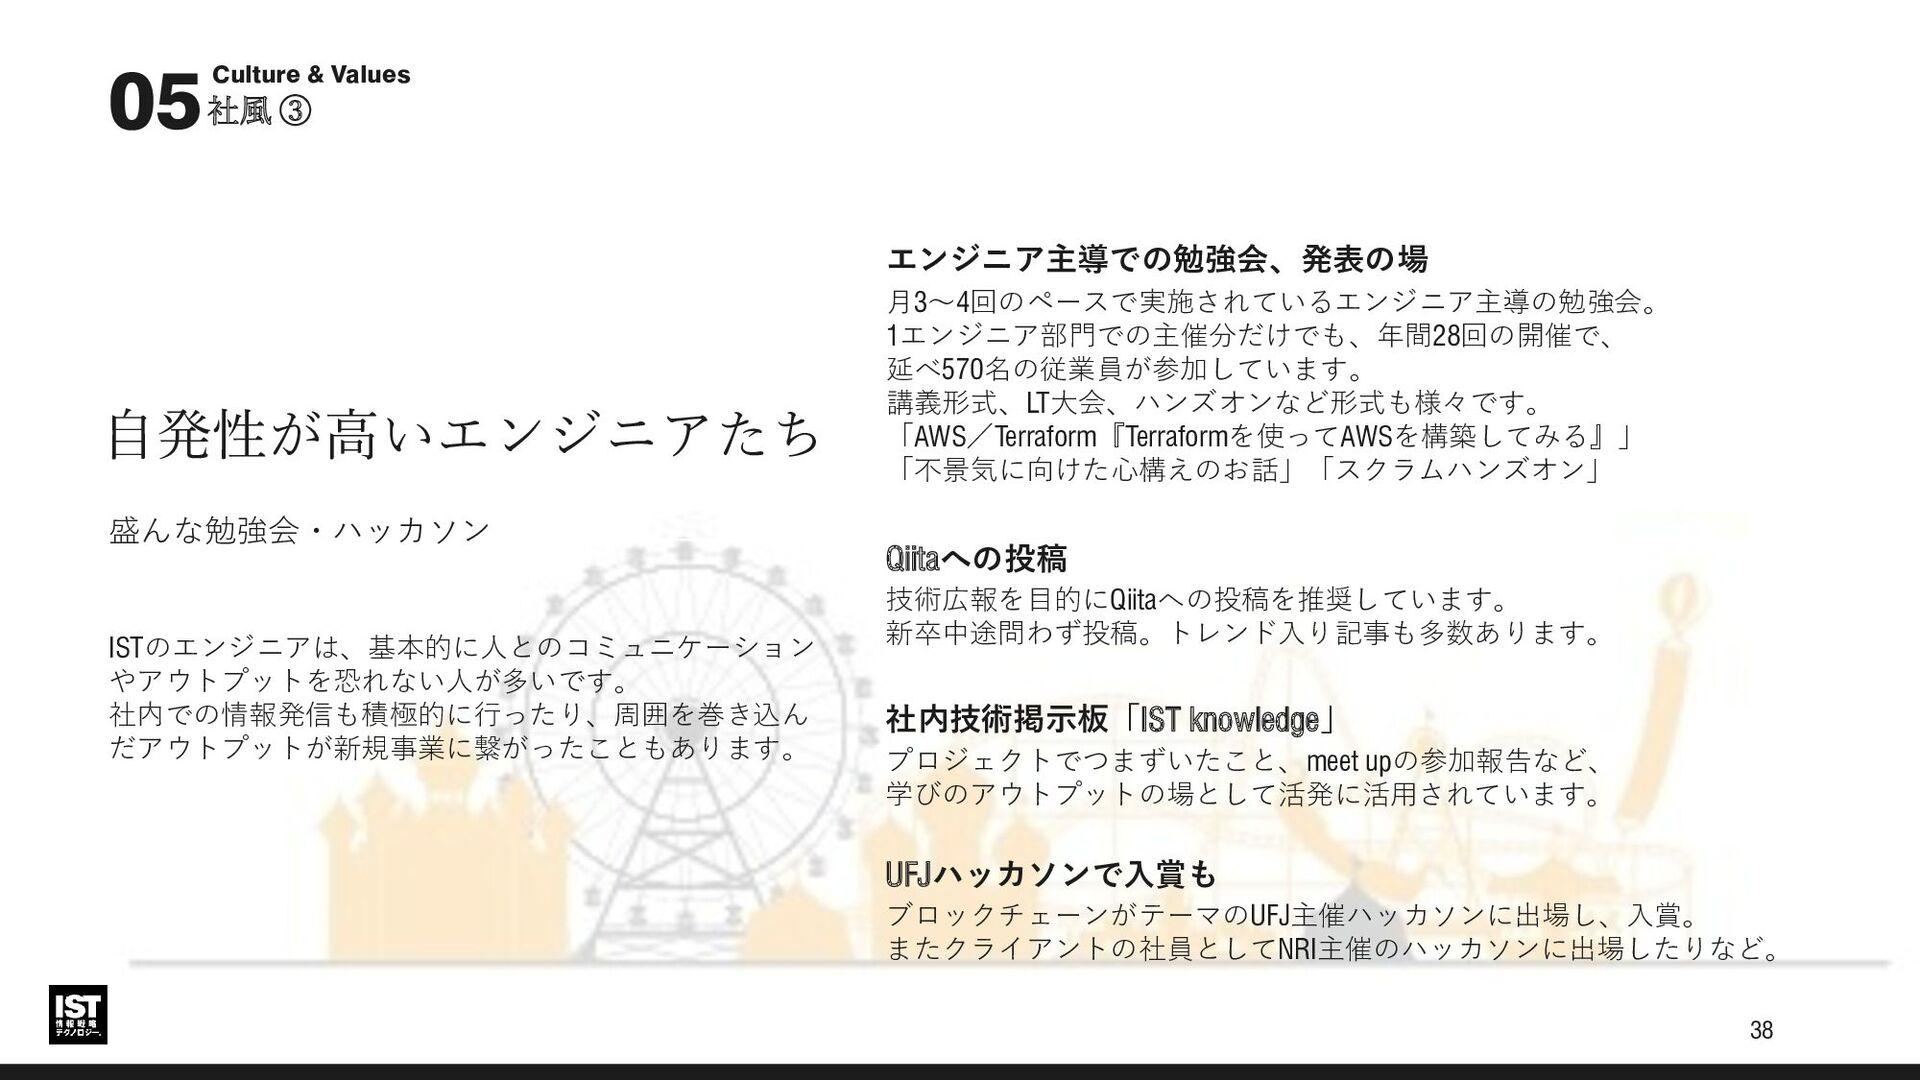 オフィス風景 社風・価値観 05 ワンフロアに10室会議室があります。 38